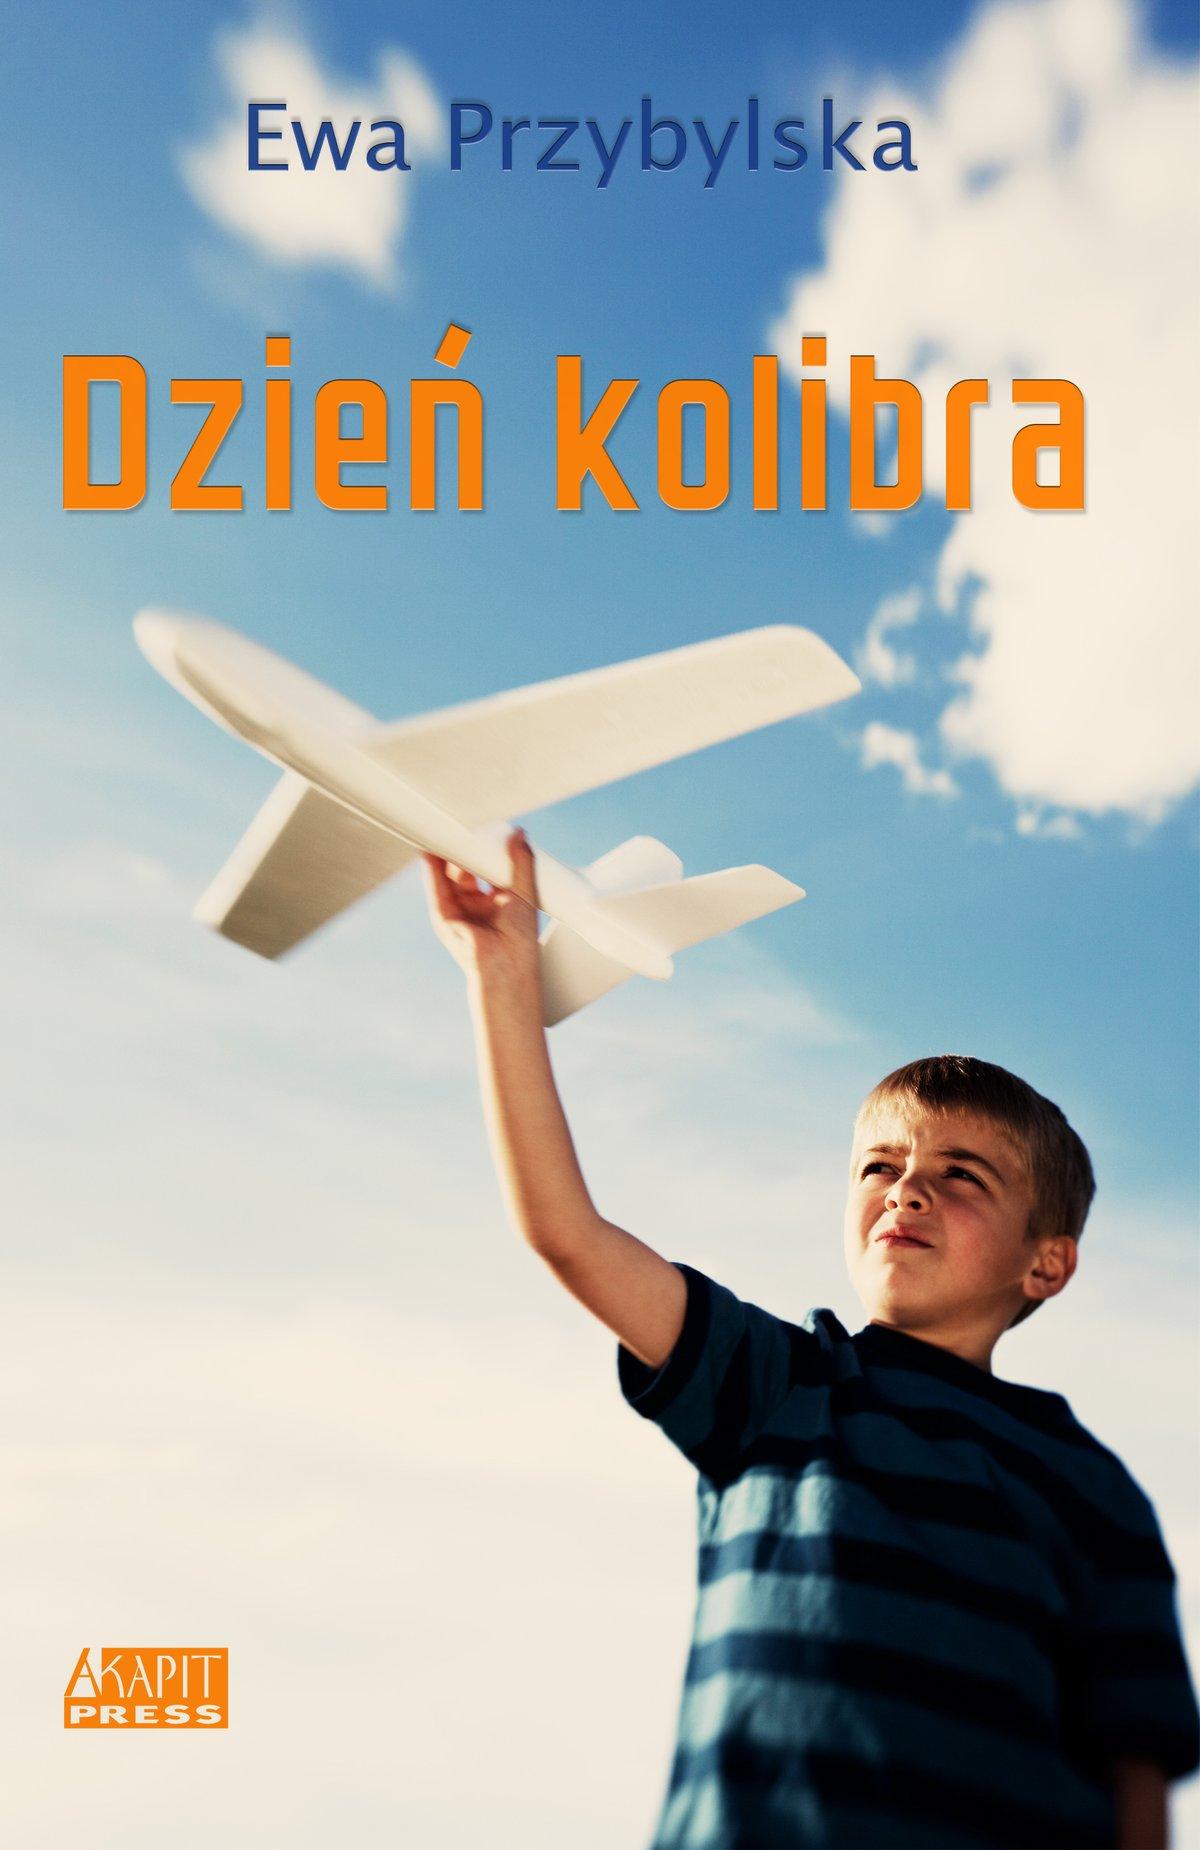 Dzień kolibra - Ebook (Książka na Kindle) do pobrania w formacie MOBI